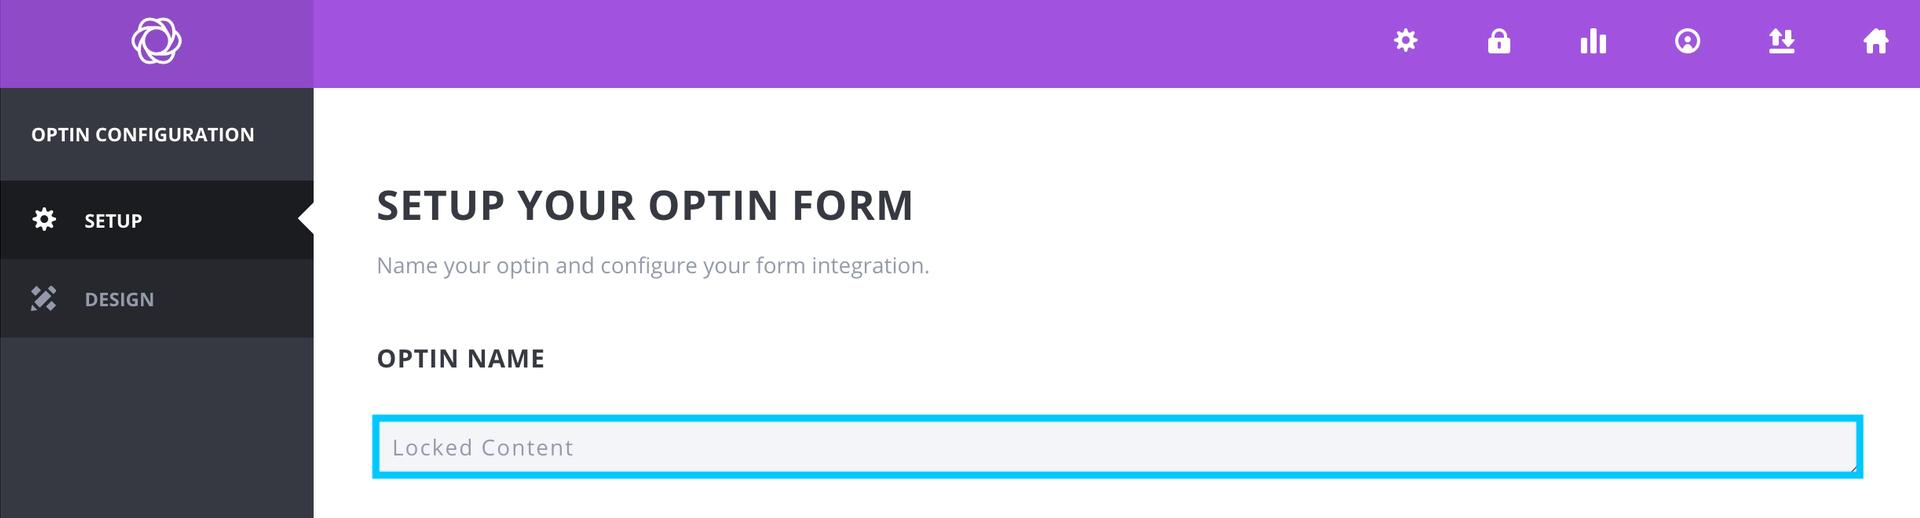 BloomプラグインLocked Contentのオプトインフォームに名前をつける